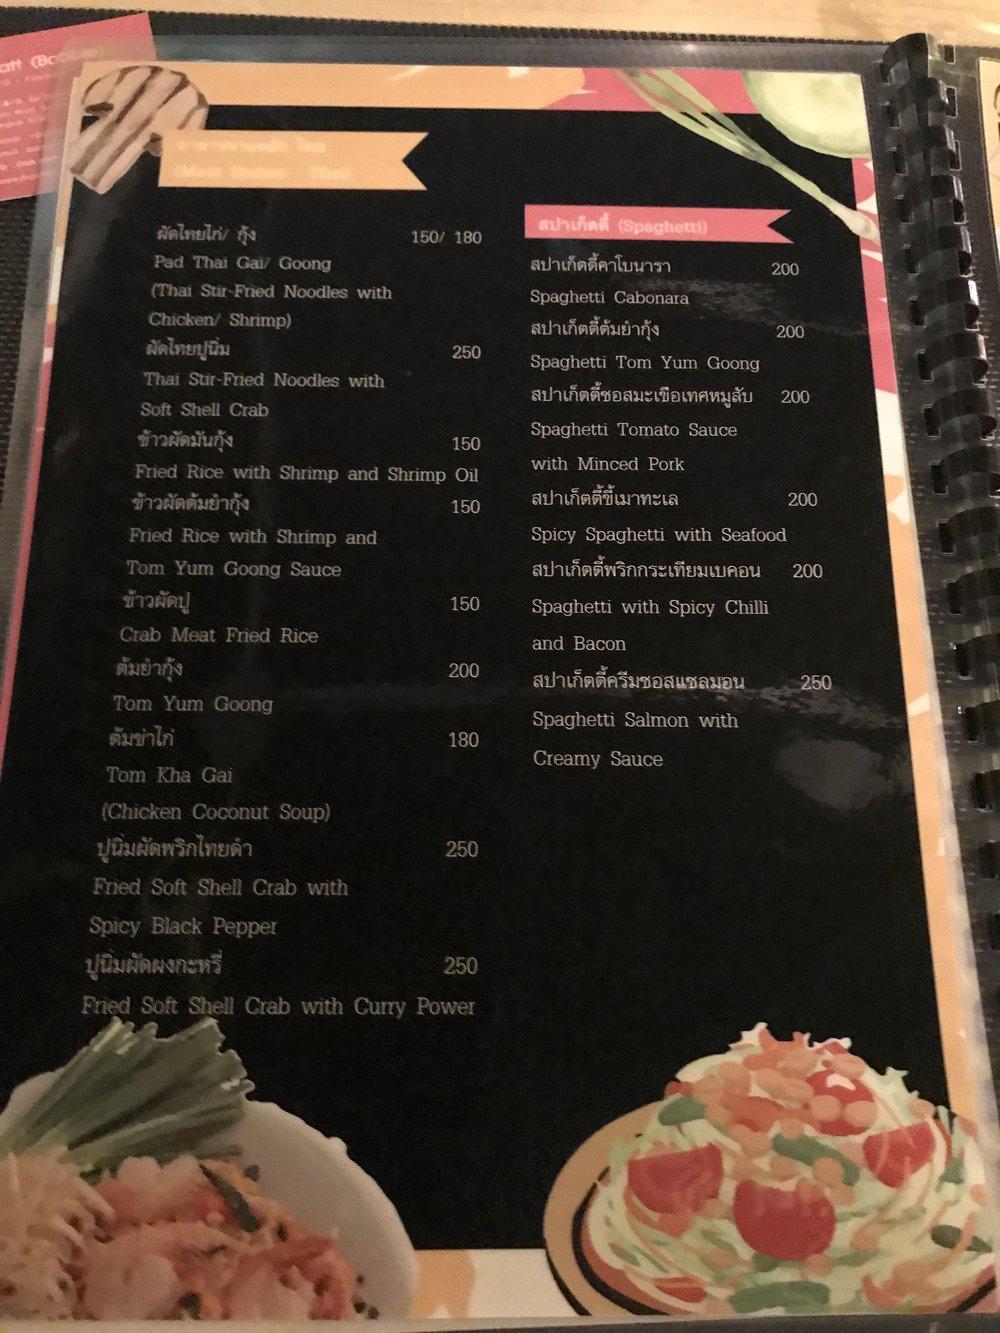 Varied menu with reasonable prices